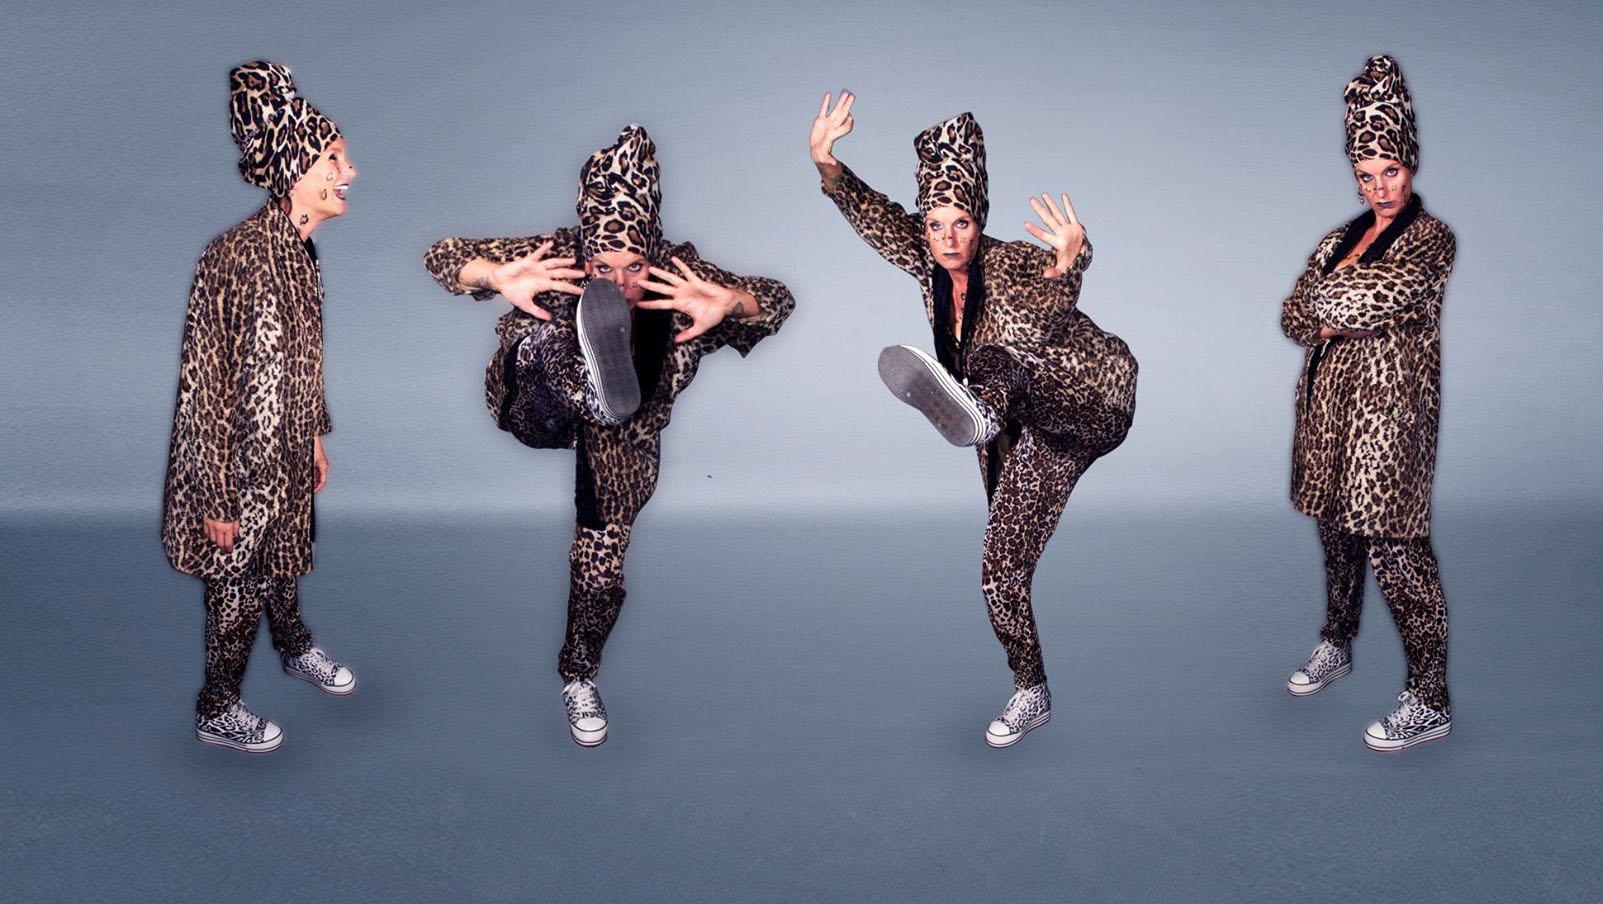 Sommer intensiv Wochen mit vielen tanz-Workshop Wochen im motion*s Tanzstudio Berlin